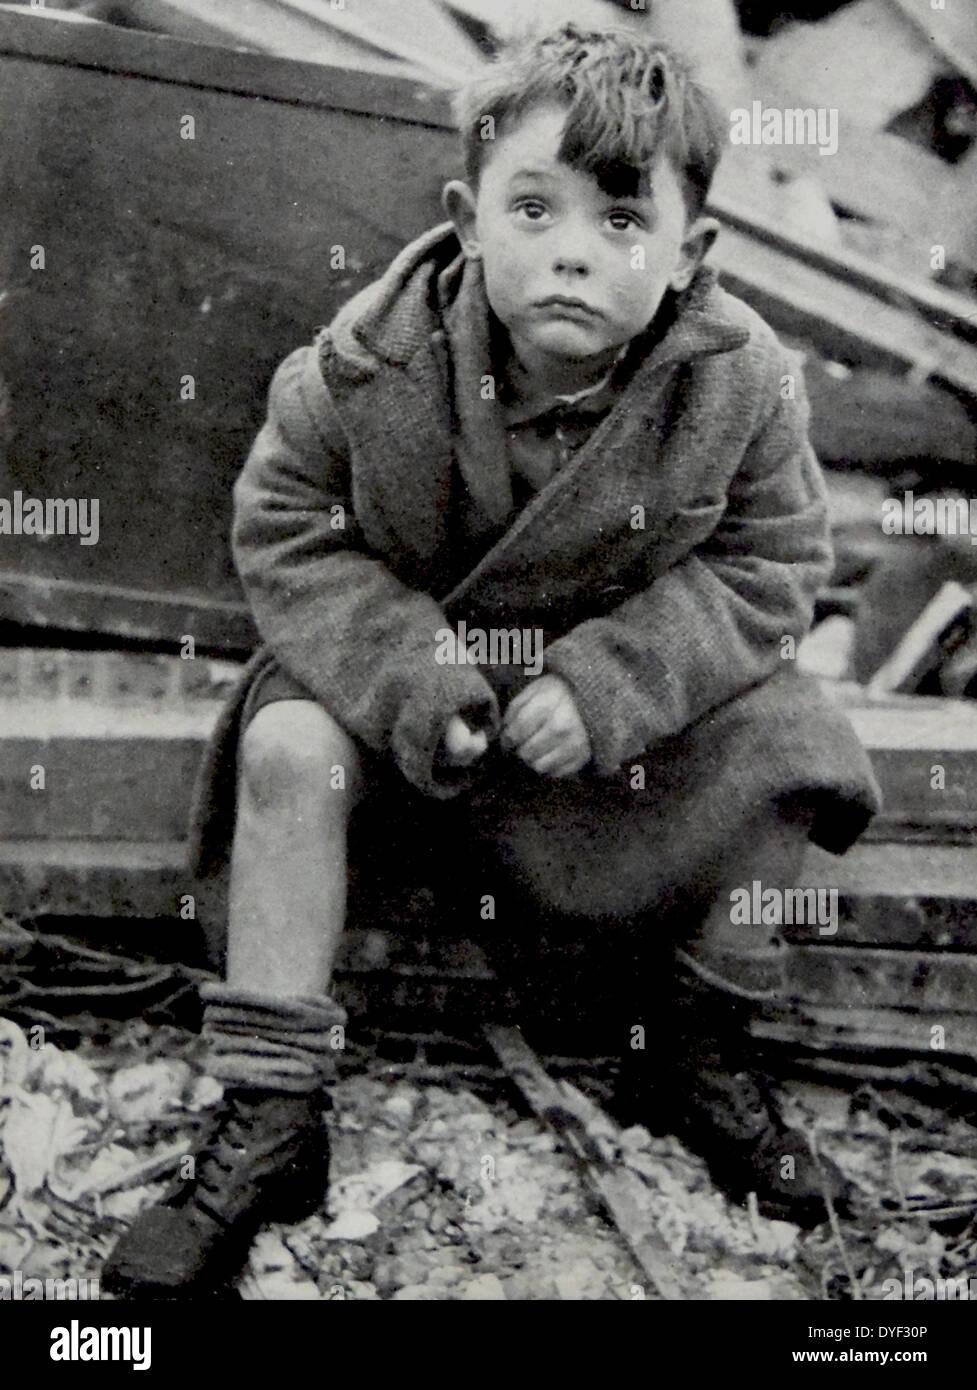 Un enfant orphelin après avoir survécu au blitz sur Londres. Banque D'Images